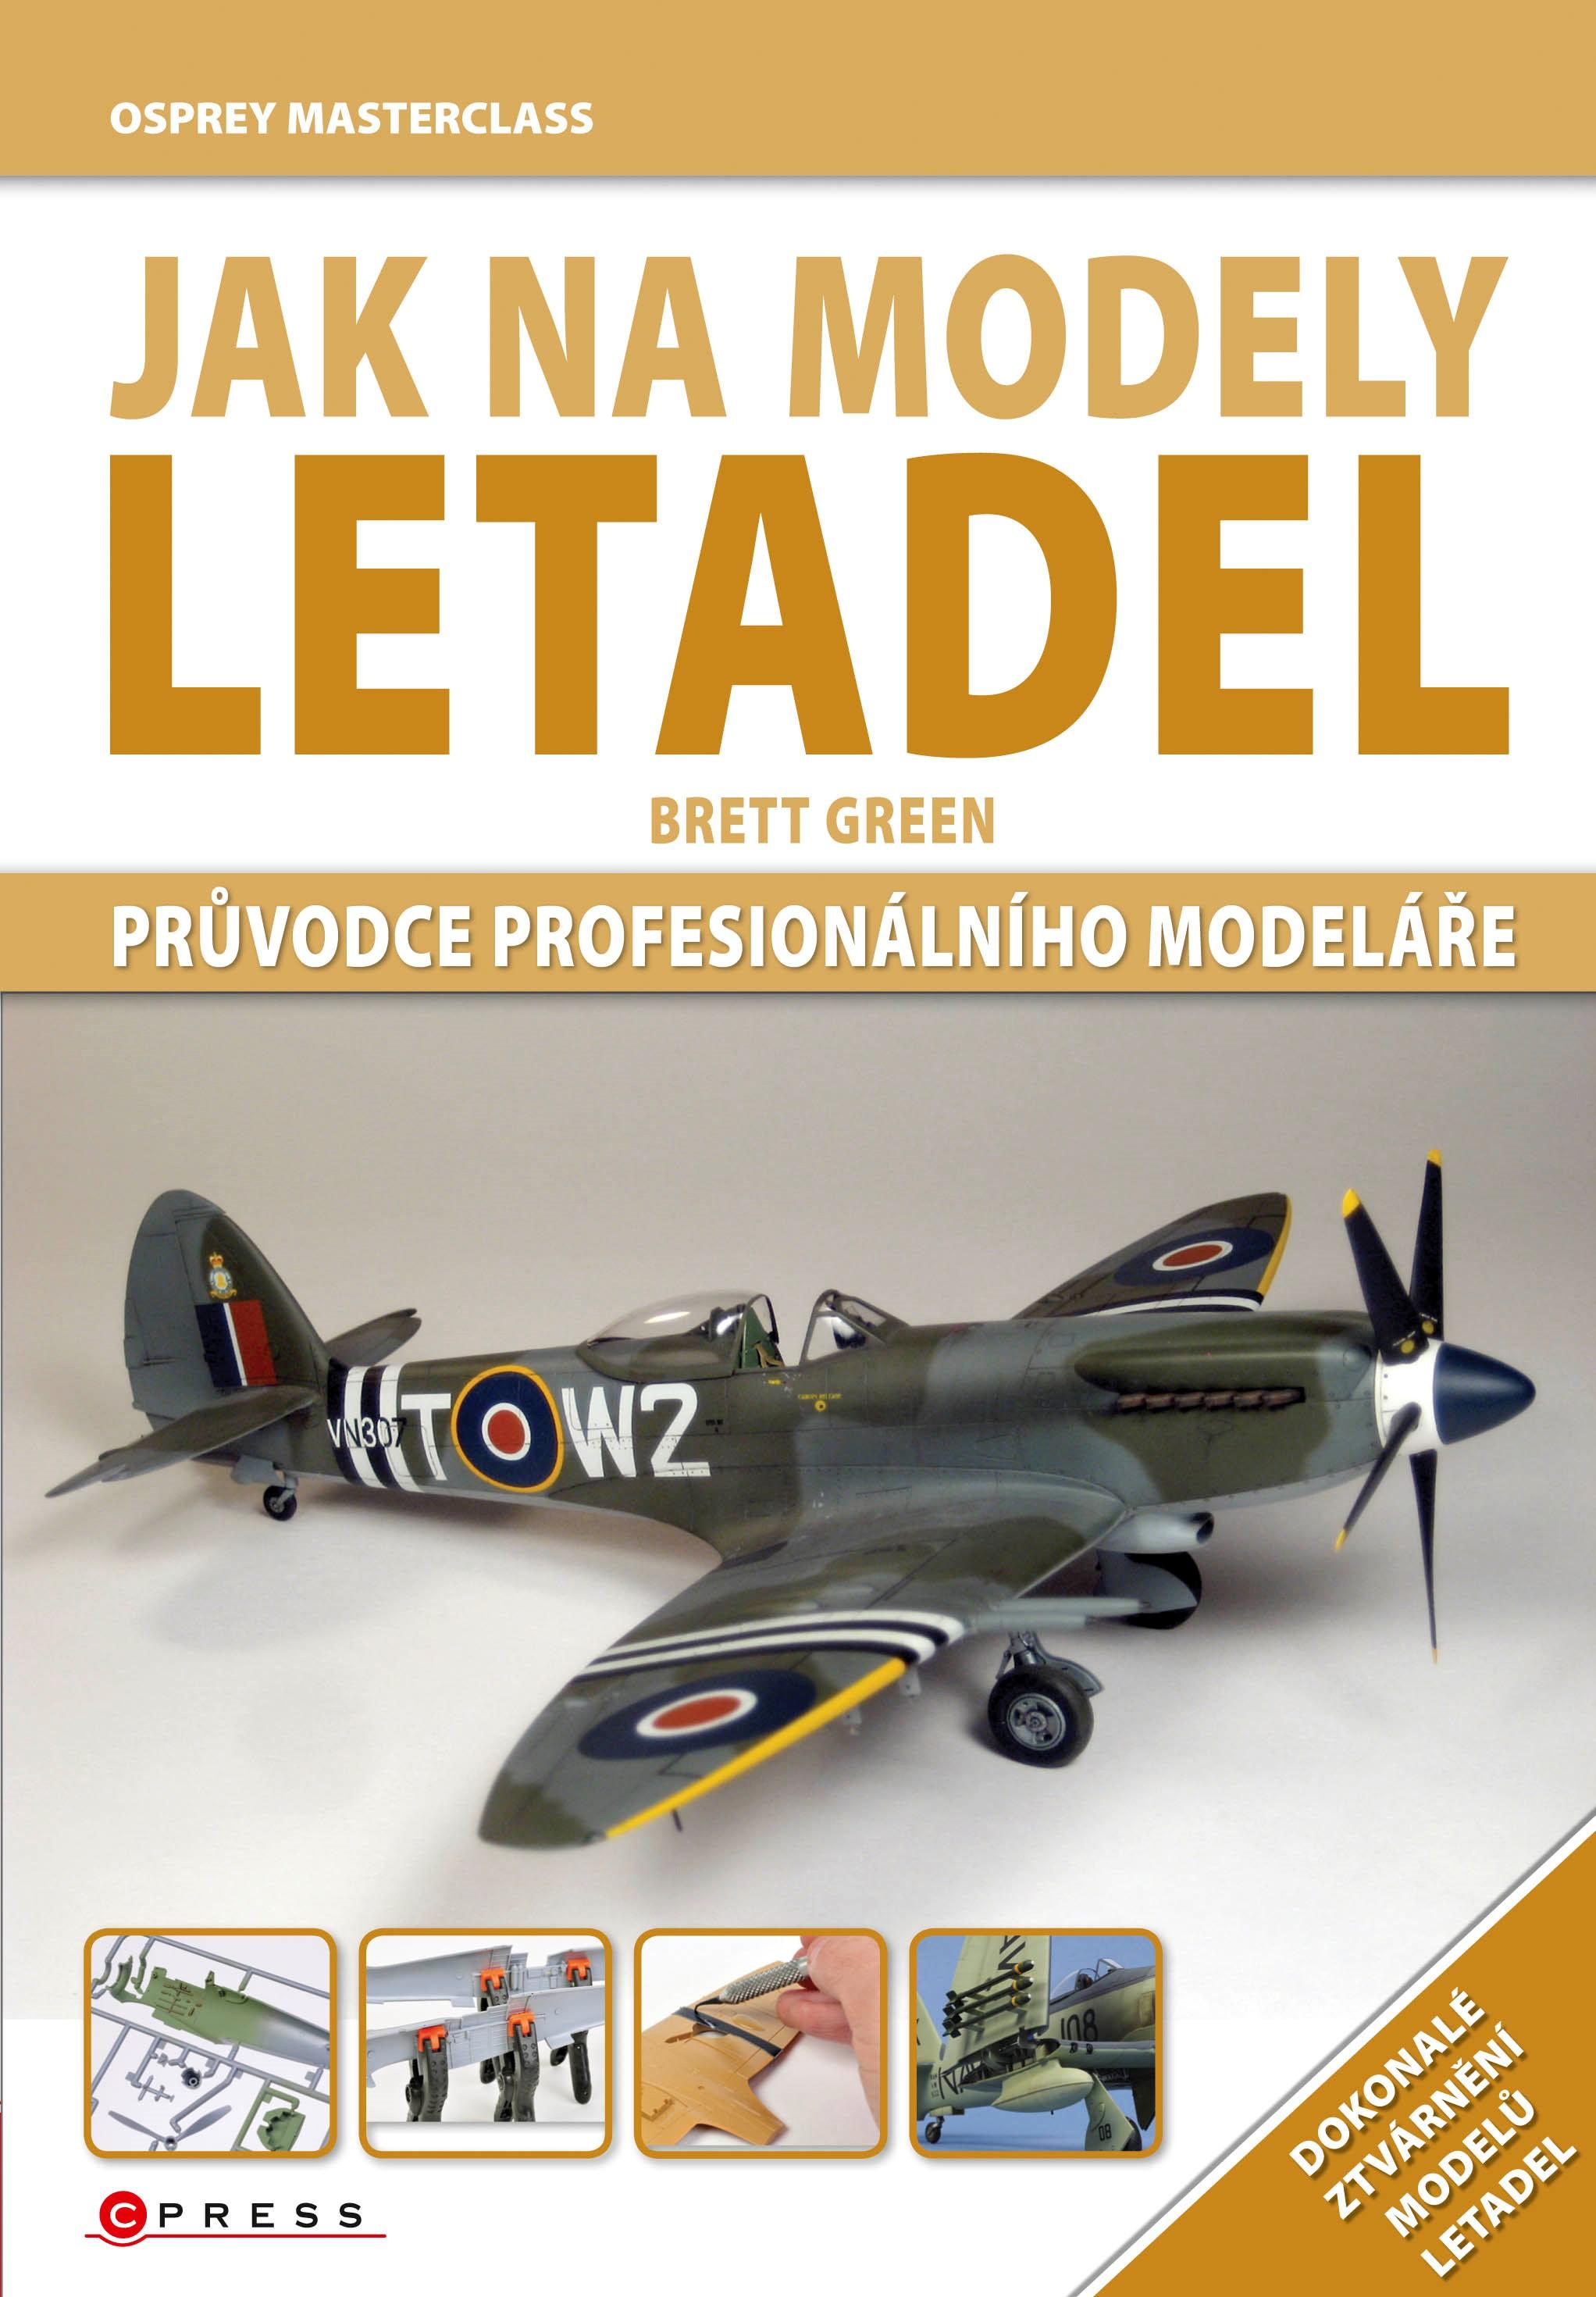 Jak na modely letadel | Brett Green